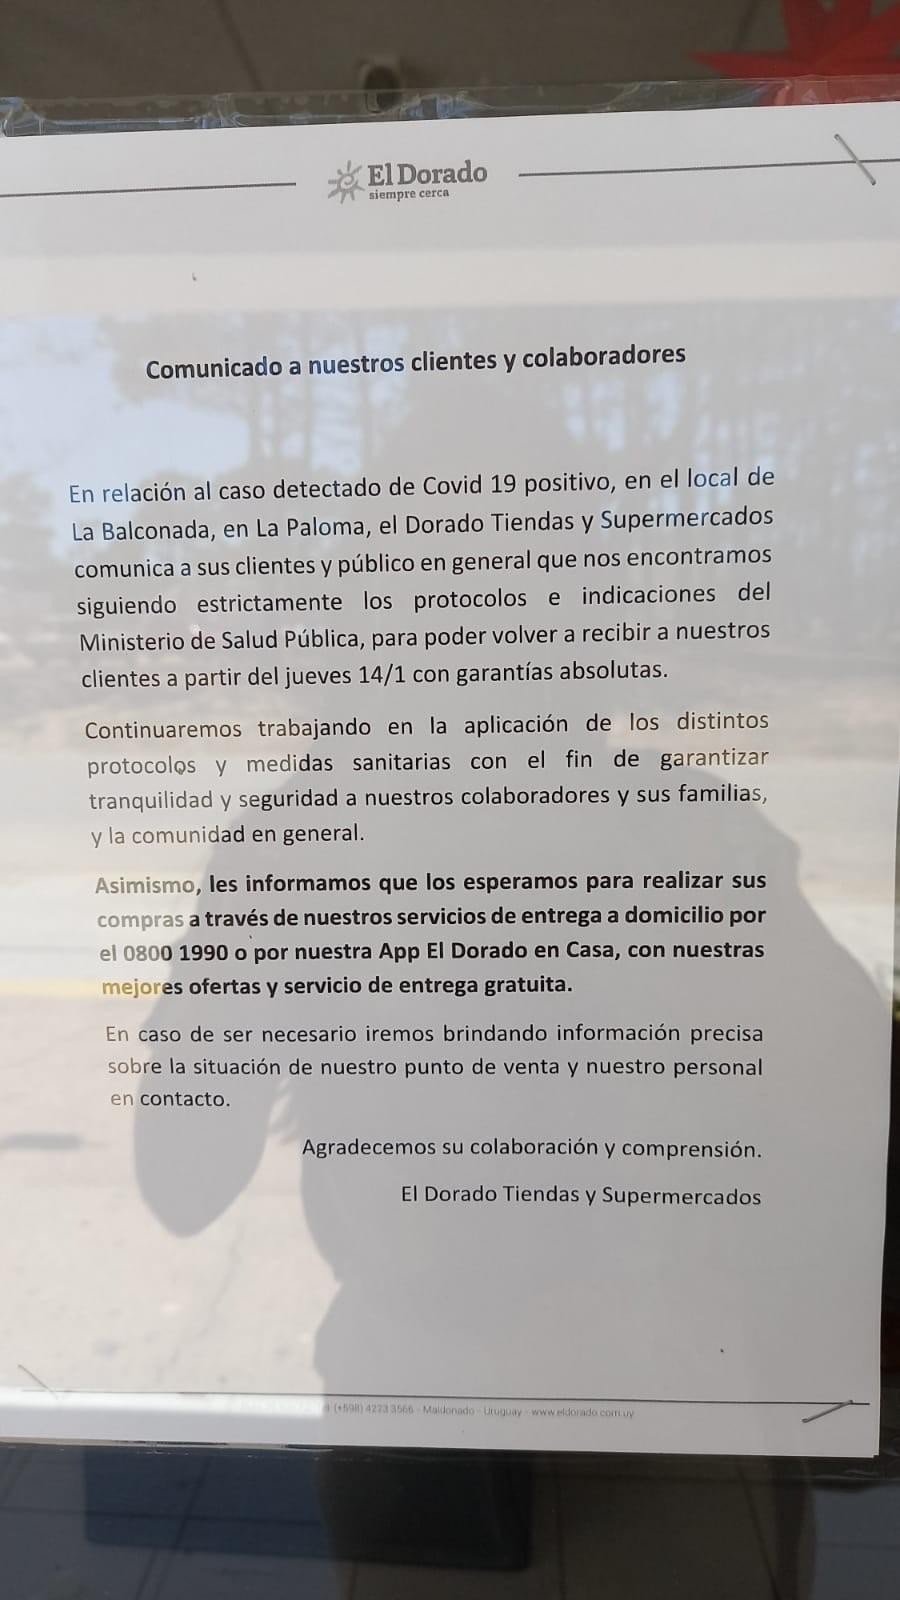 El Dorado de La Balconada cerrado por caso de COVID-19